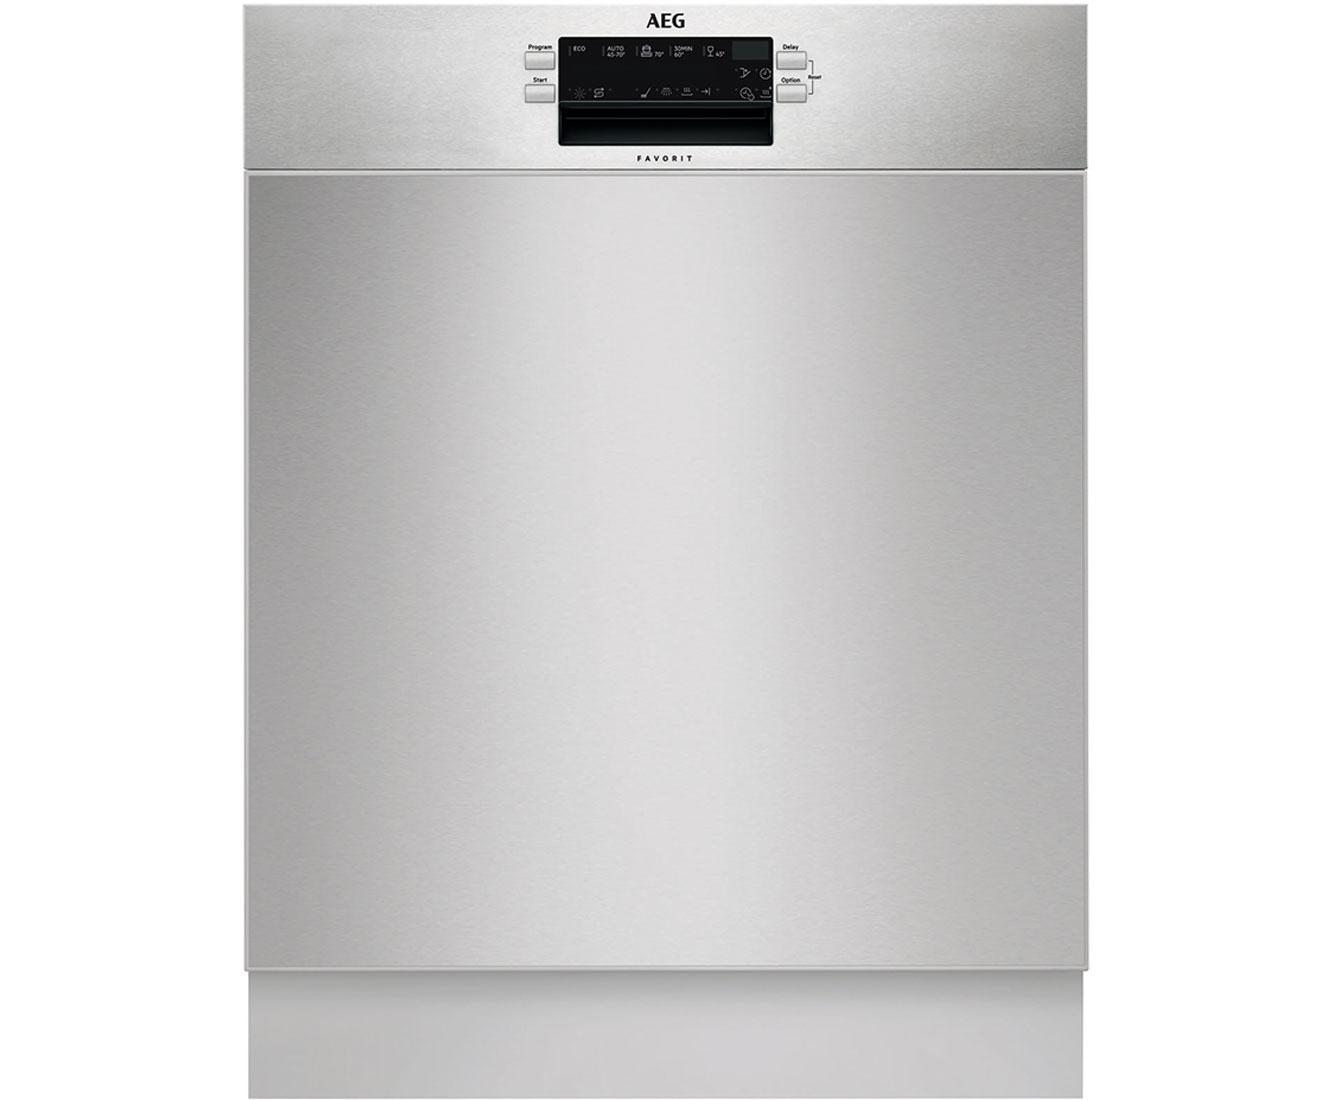 Aeg Unterbau Kühlschrank Dekorfähig : Aeg kühlschrank ohne gefrierfach unterbaufähig unterbau kühlschränke